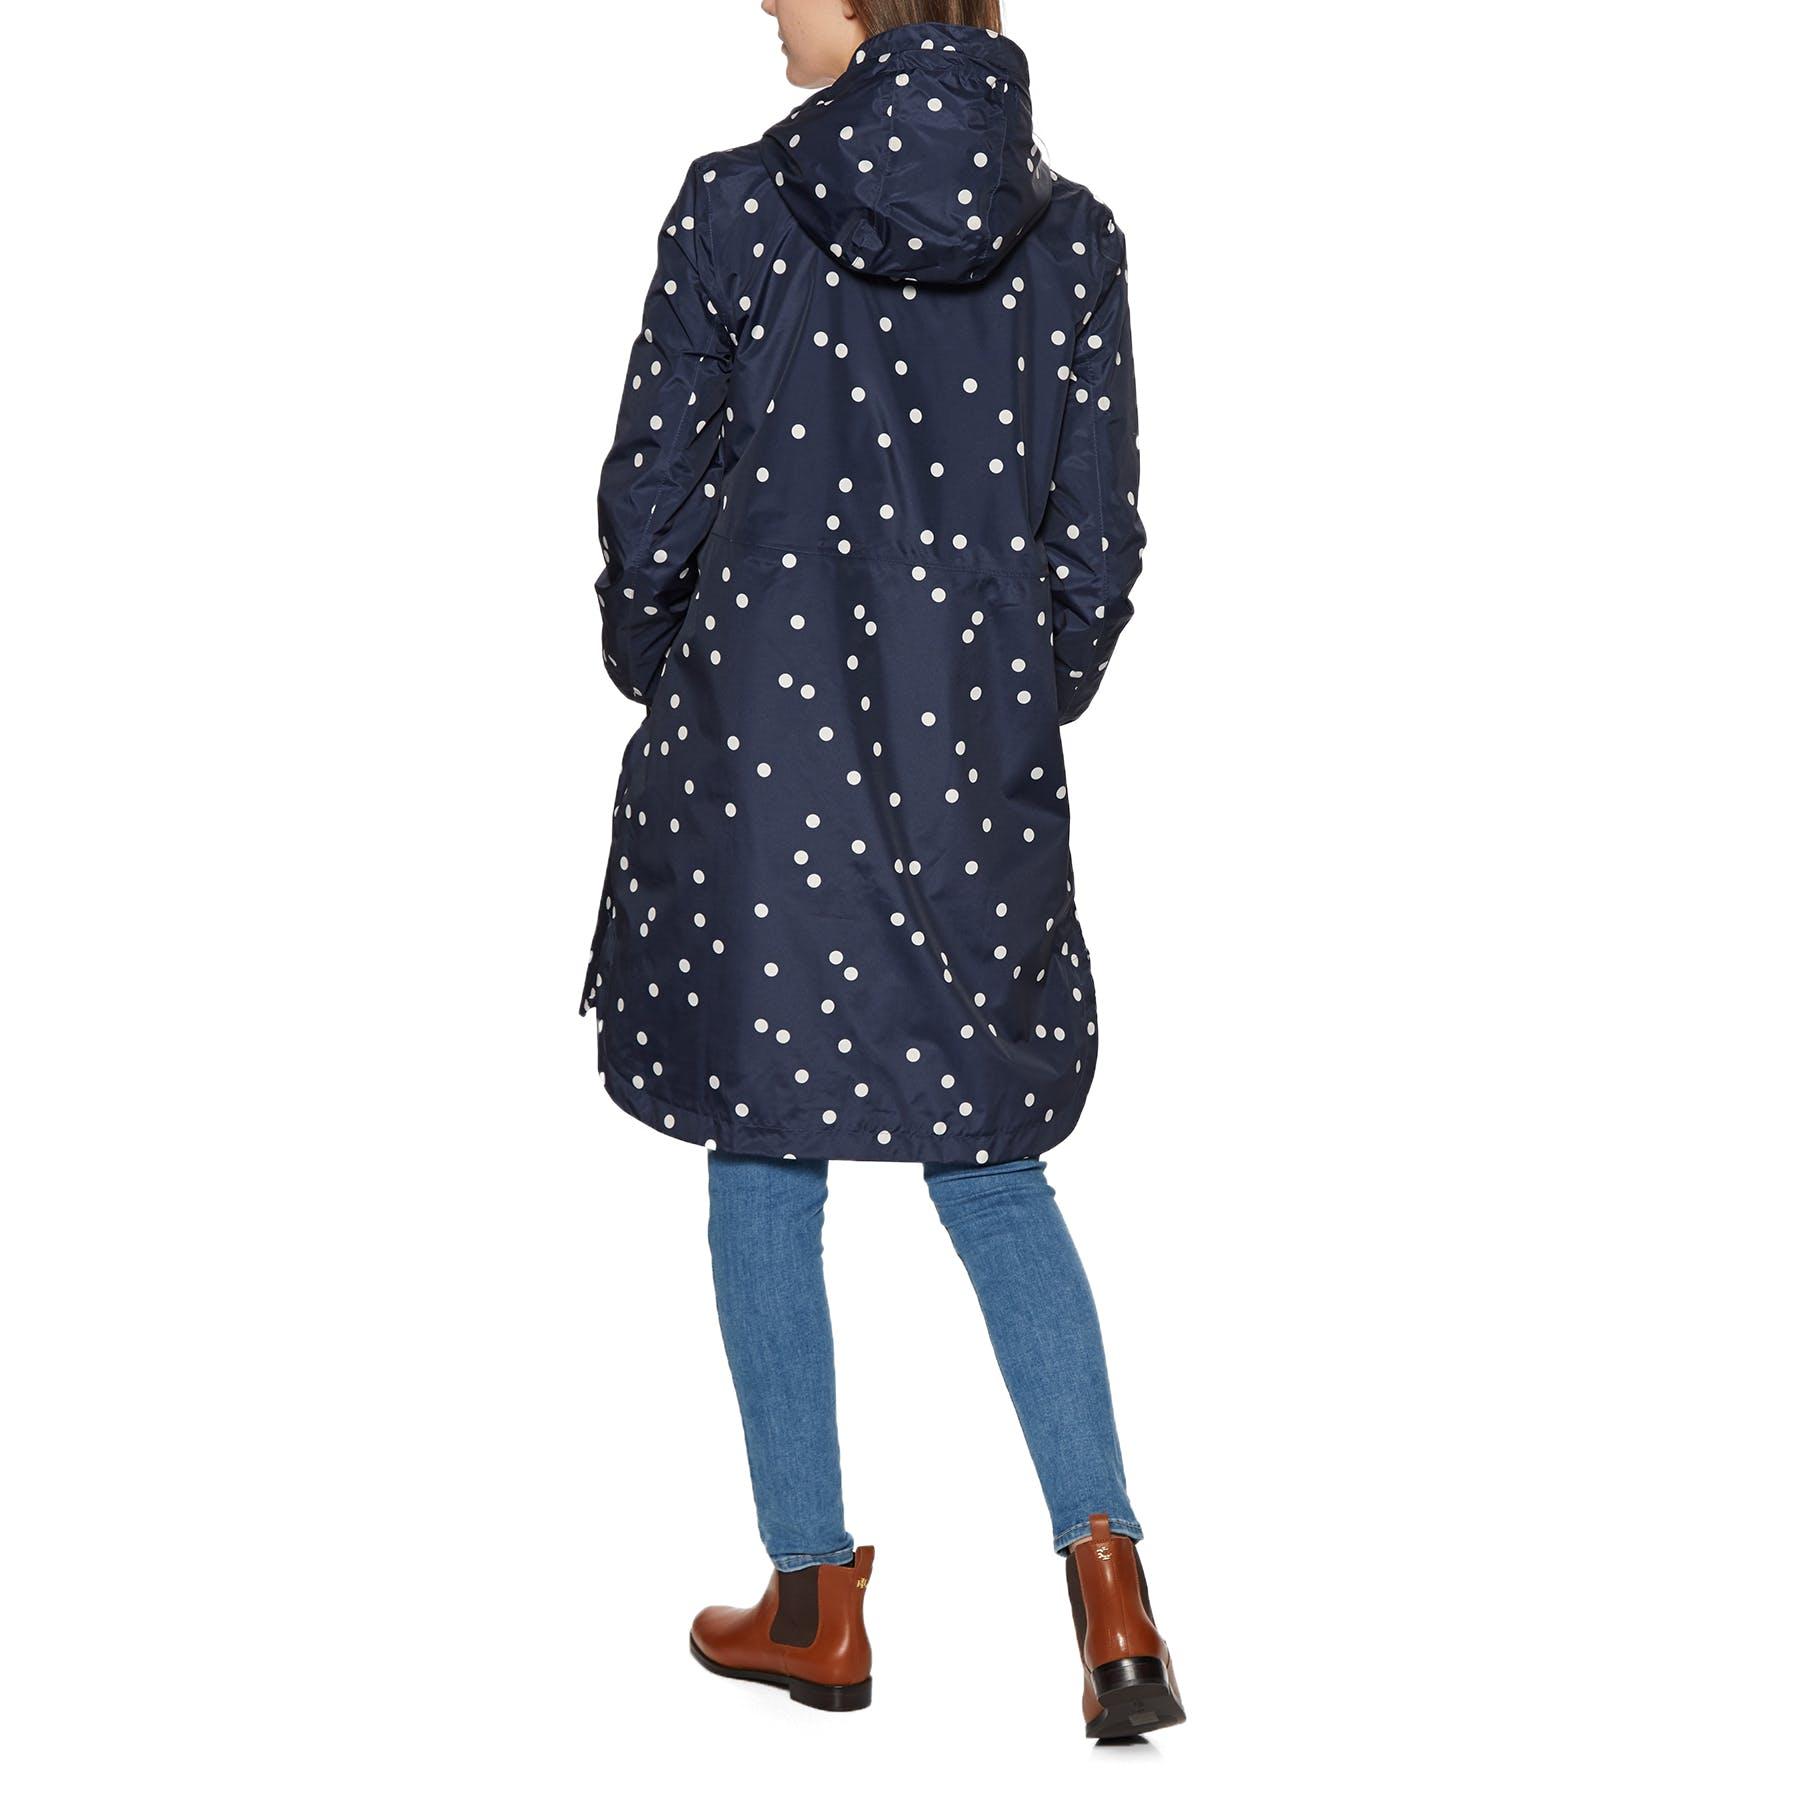 Joules Waybridge Veste Femme Imperméable-Bleu Marine SPOT Toutes Tailles